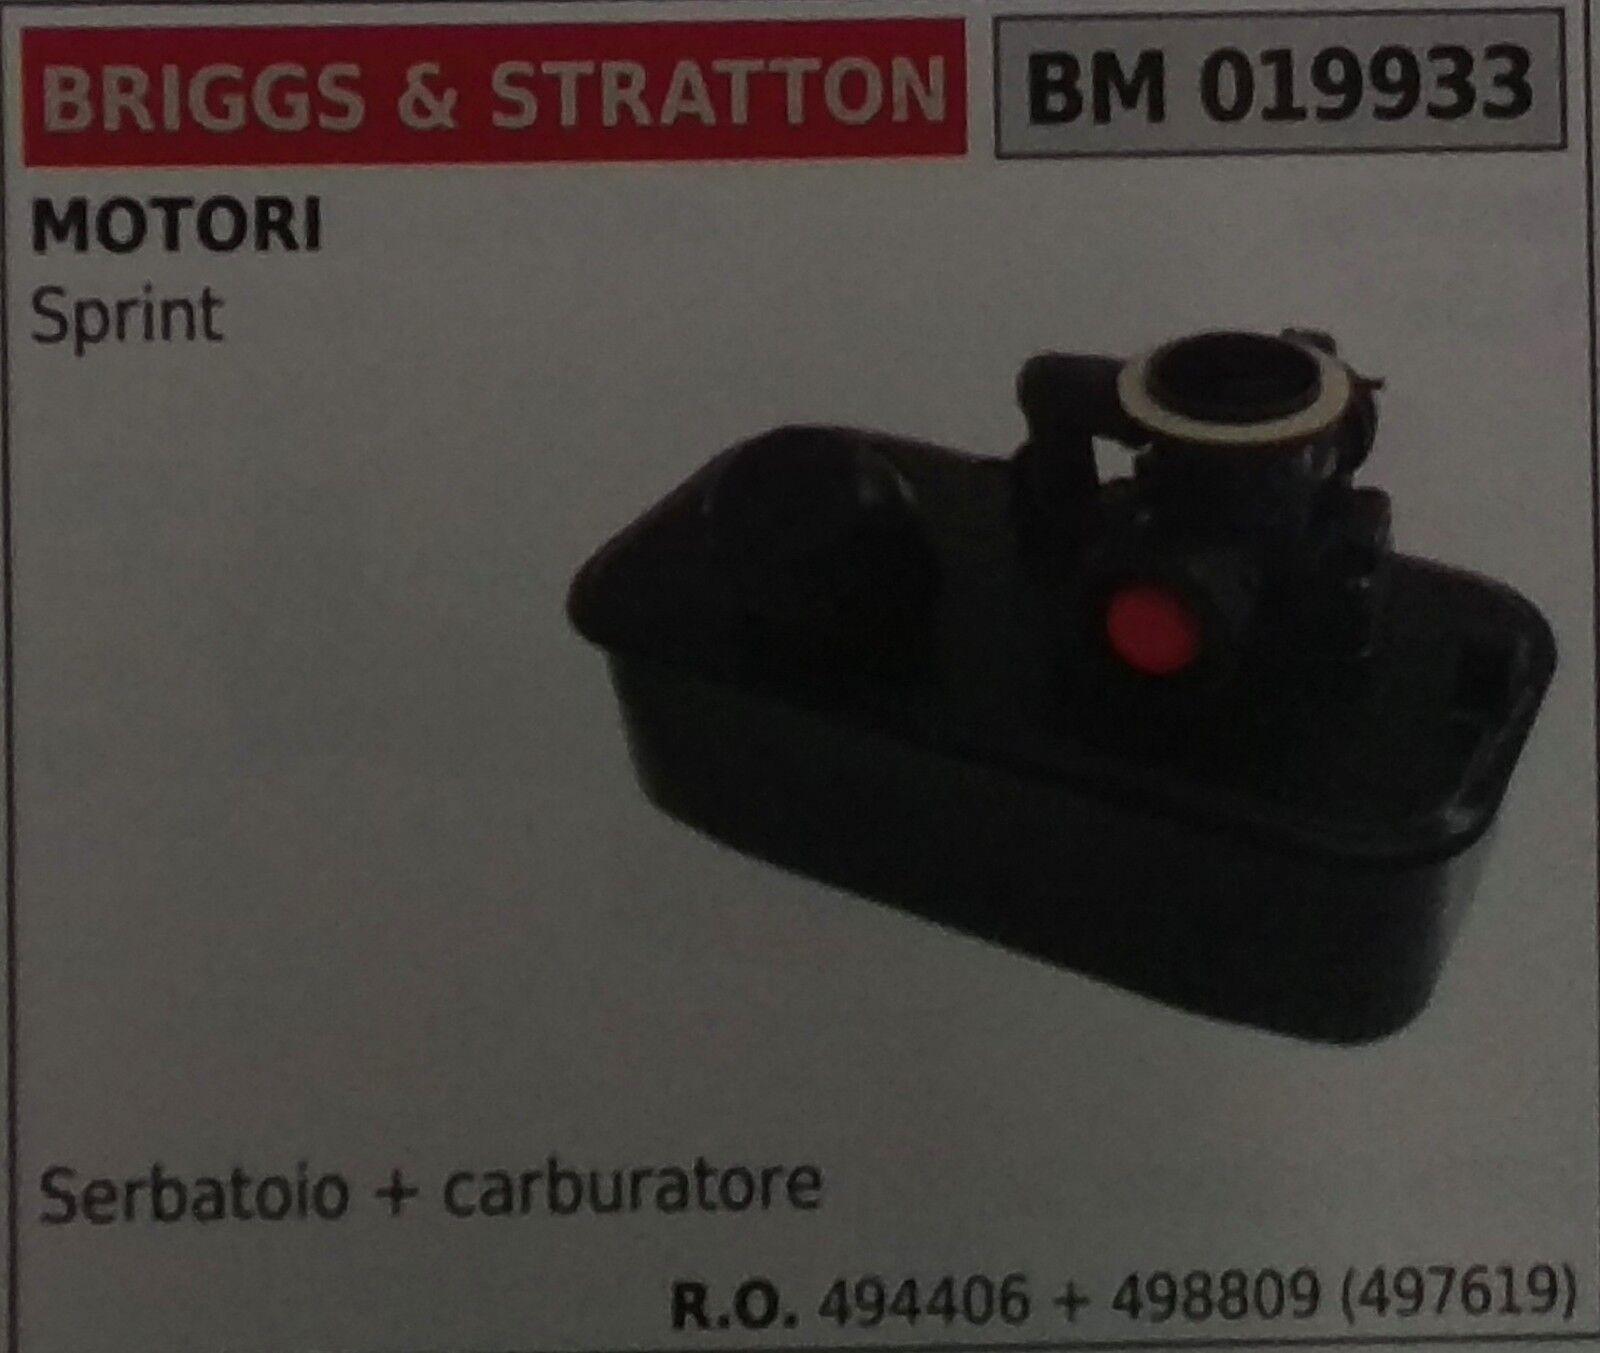 494406 + 498890 SERBATOIO + CARBURATORE MOTORE BRIGGS & STRATTON SPRINT